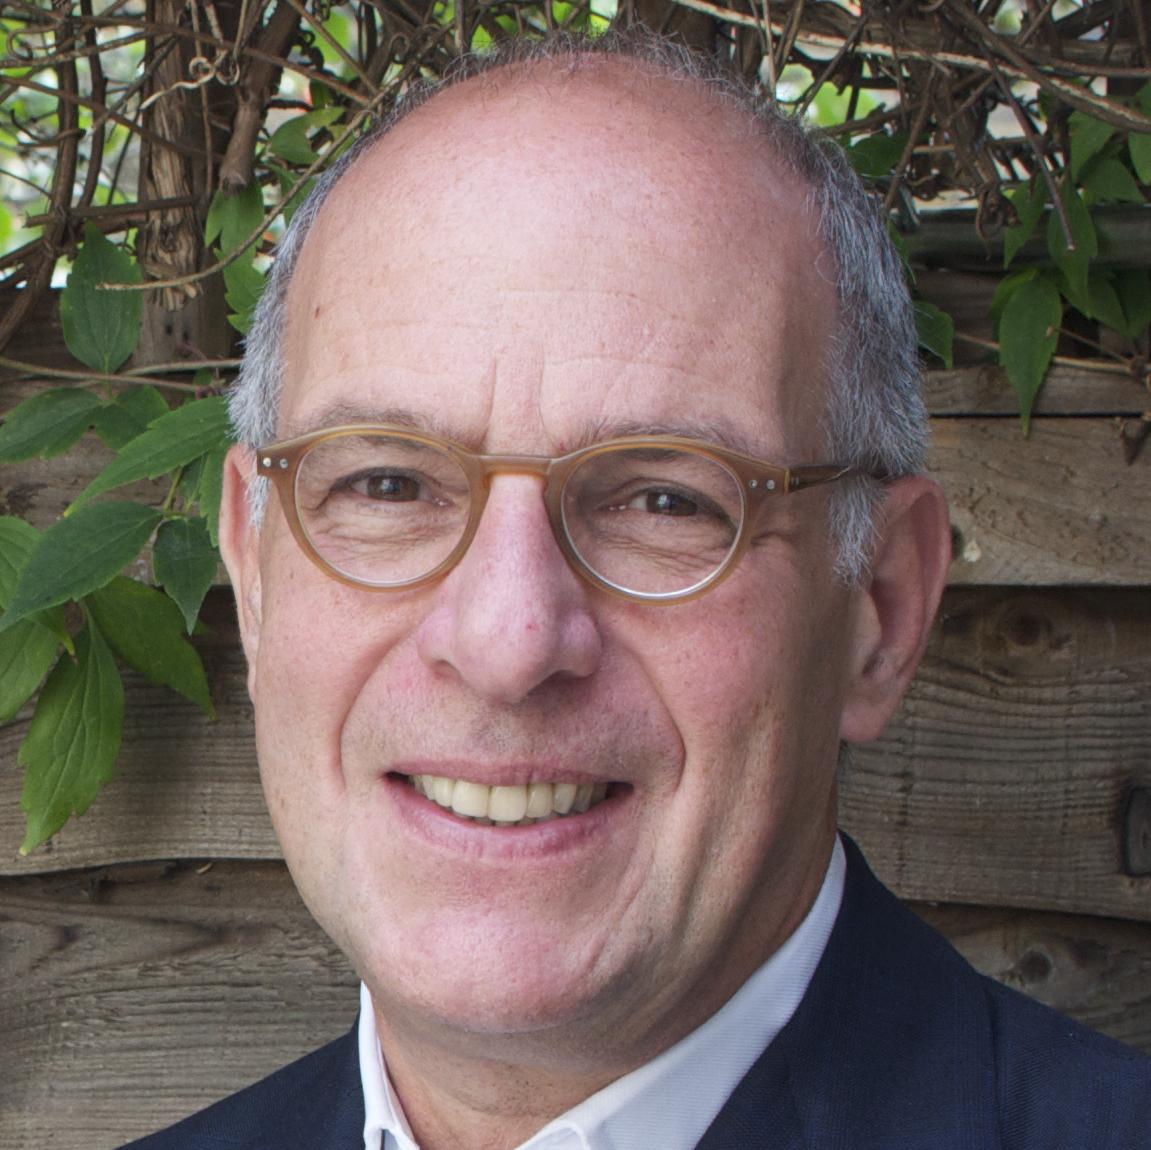 Our Host Loyd Grossman